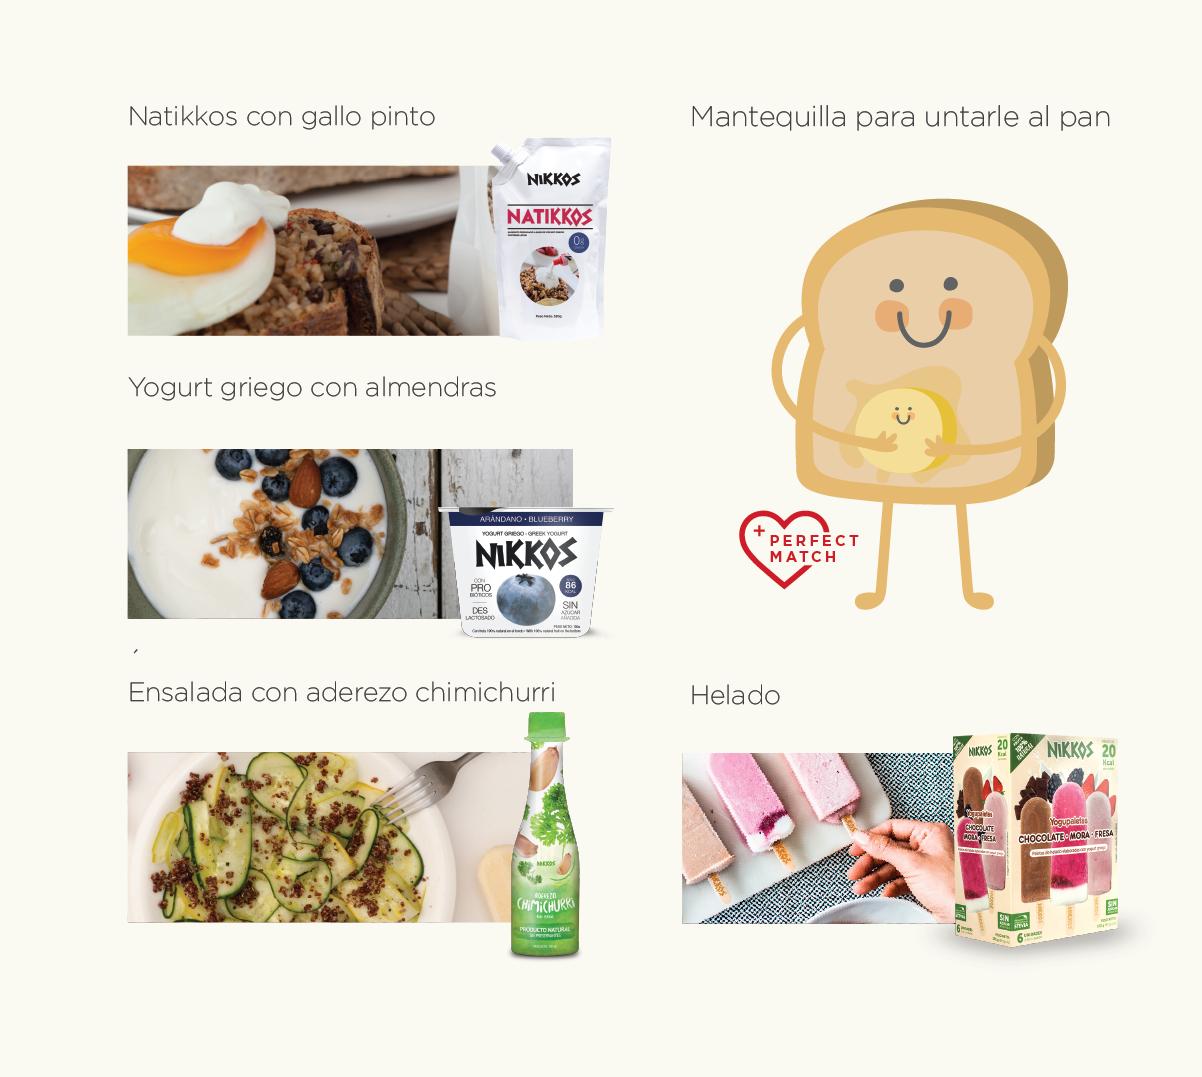 5 Deliciosas y saludable maneras de consumir Nikkos durante el día